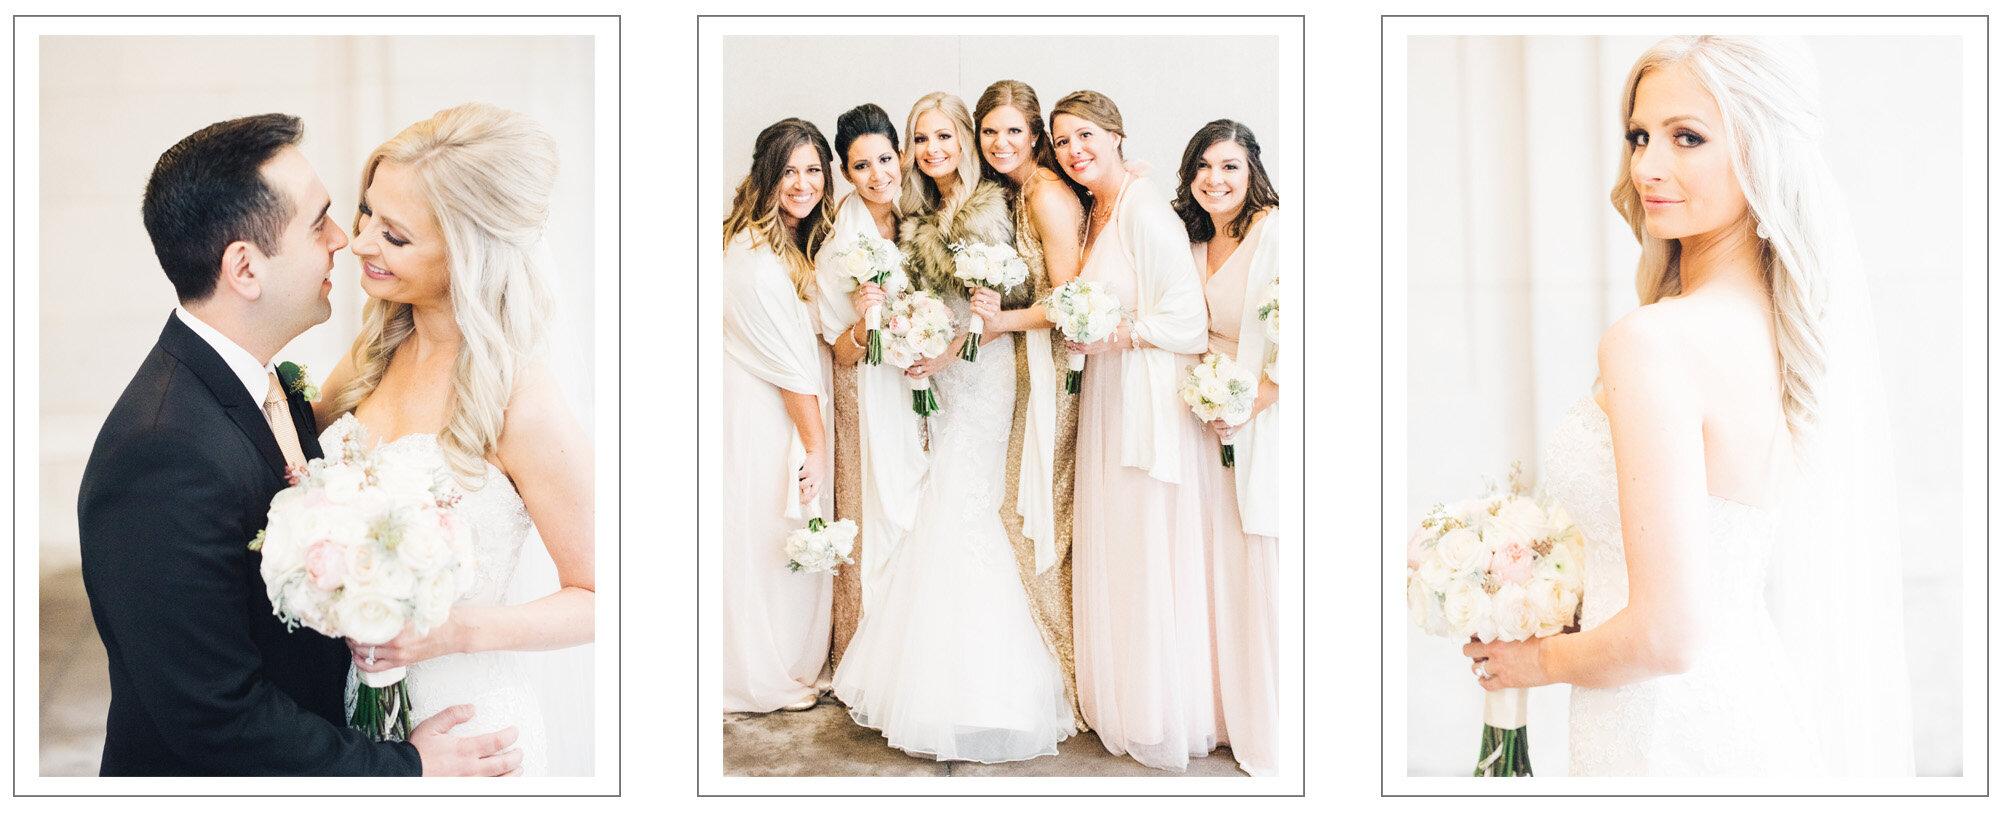 banner_midwestern_bride_7.jpg